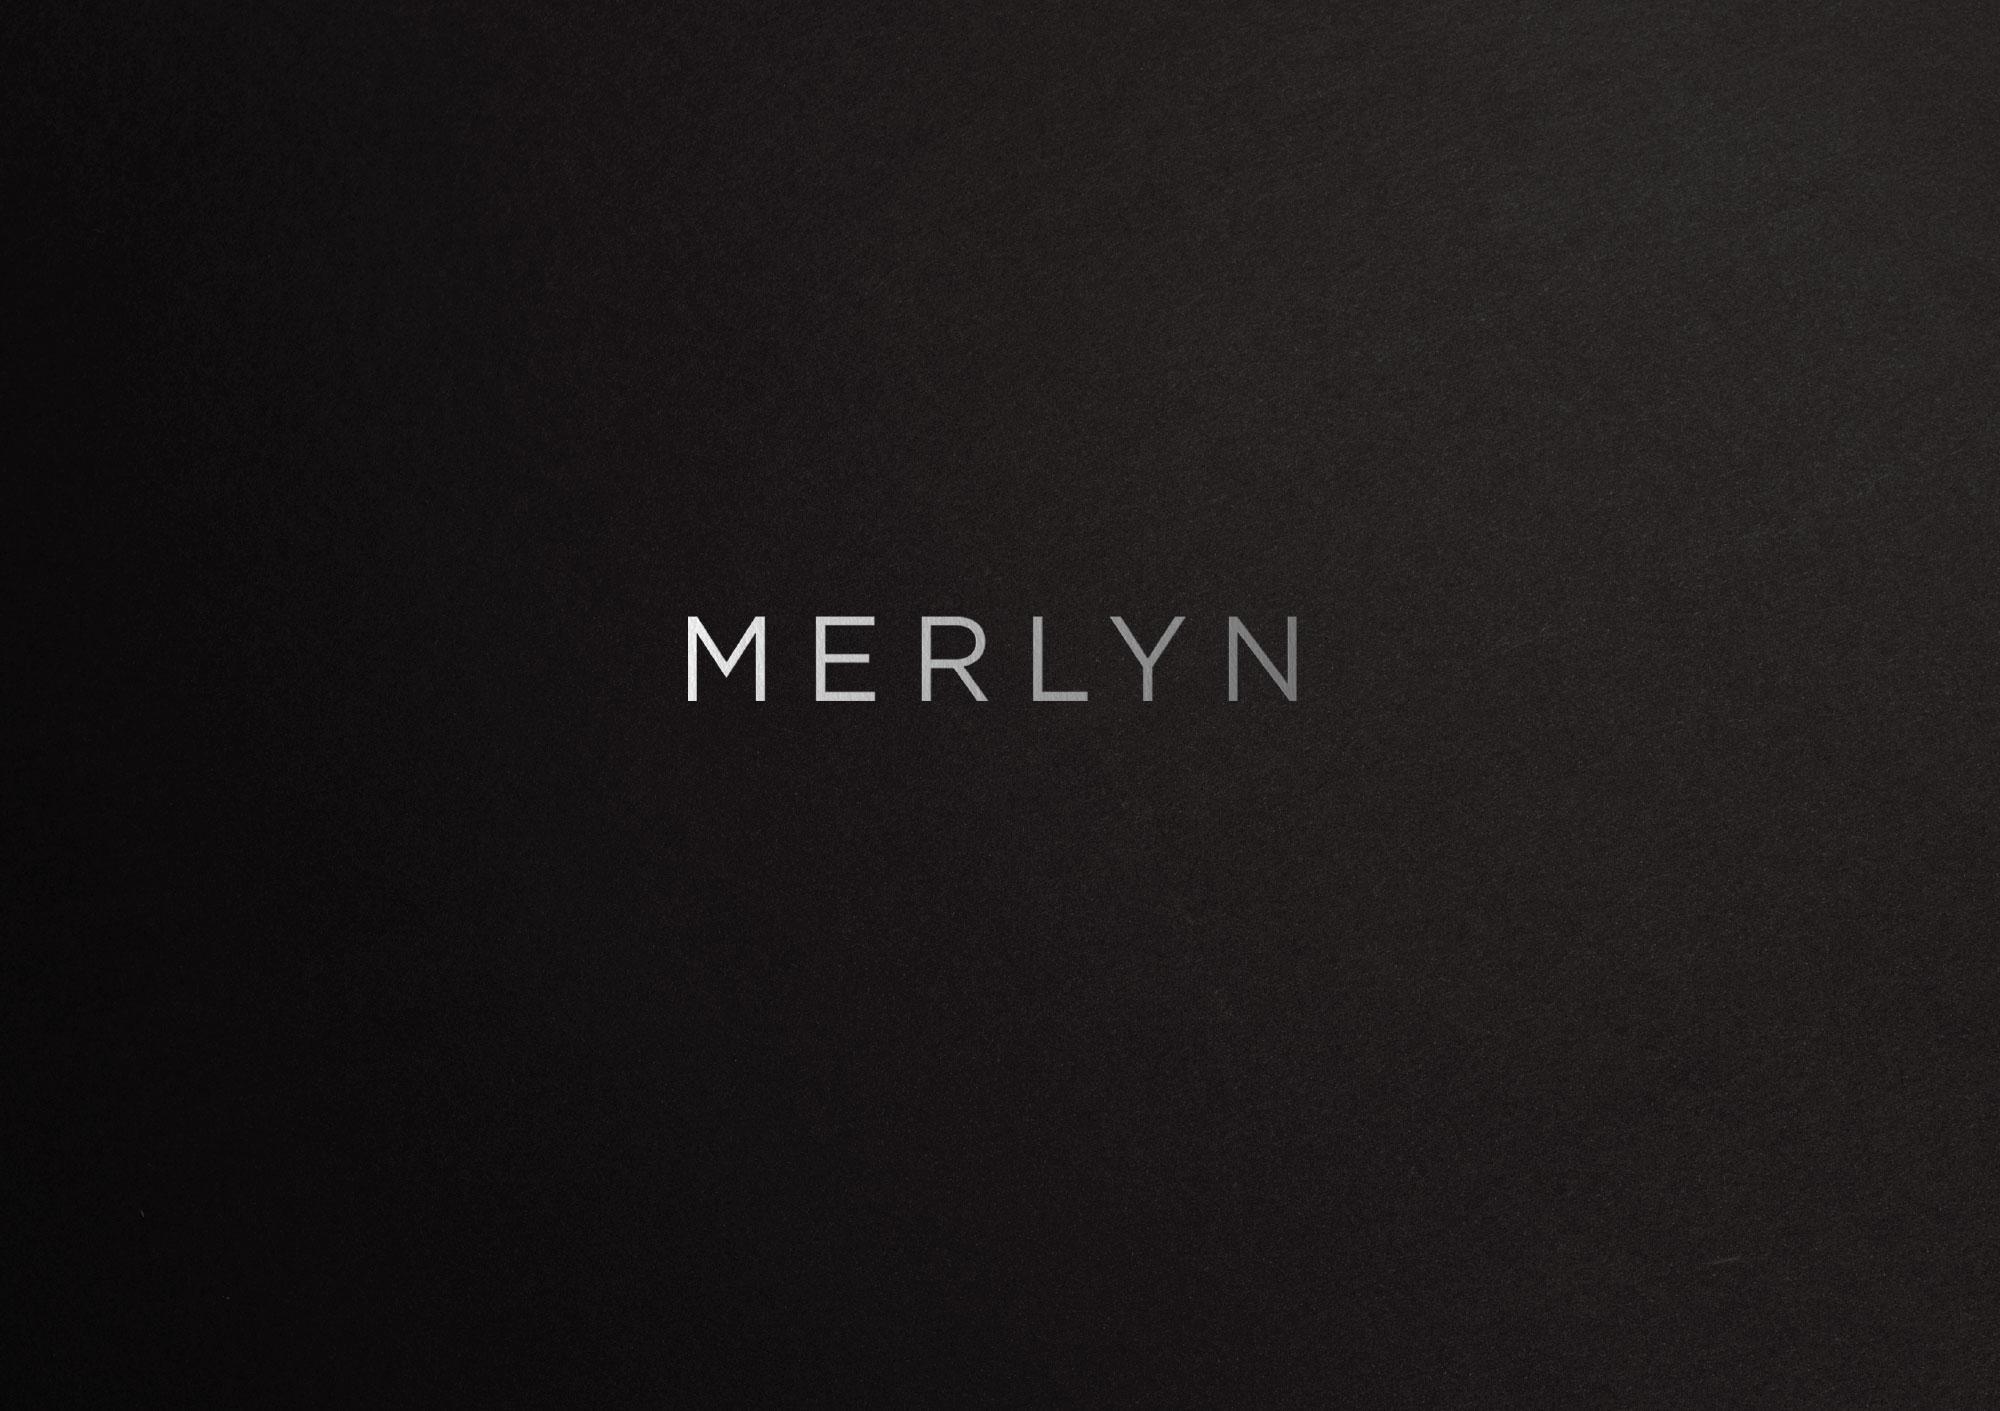 Cover image: Merlyn Branding